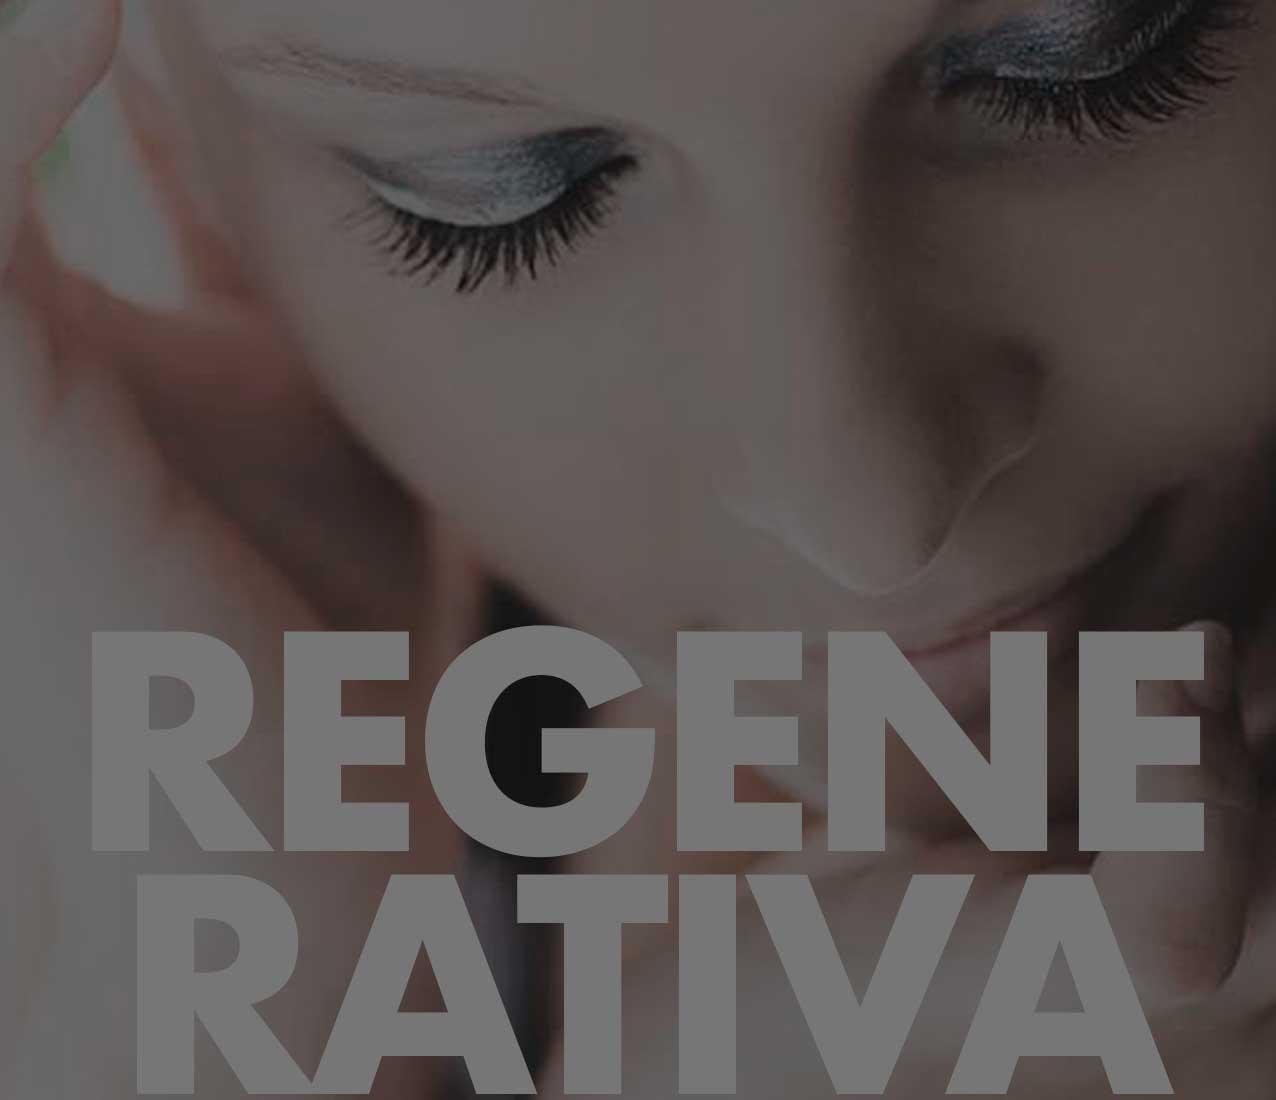 tratamiento de Medicina regenerativa contra las cicatrices